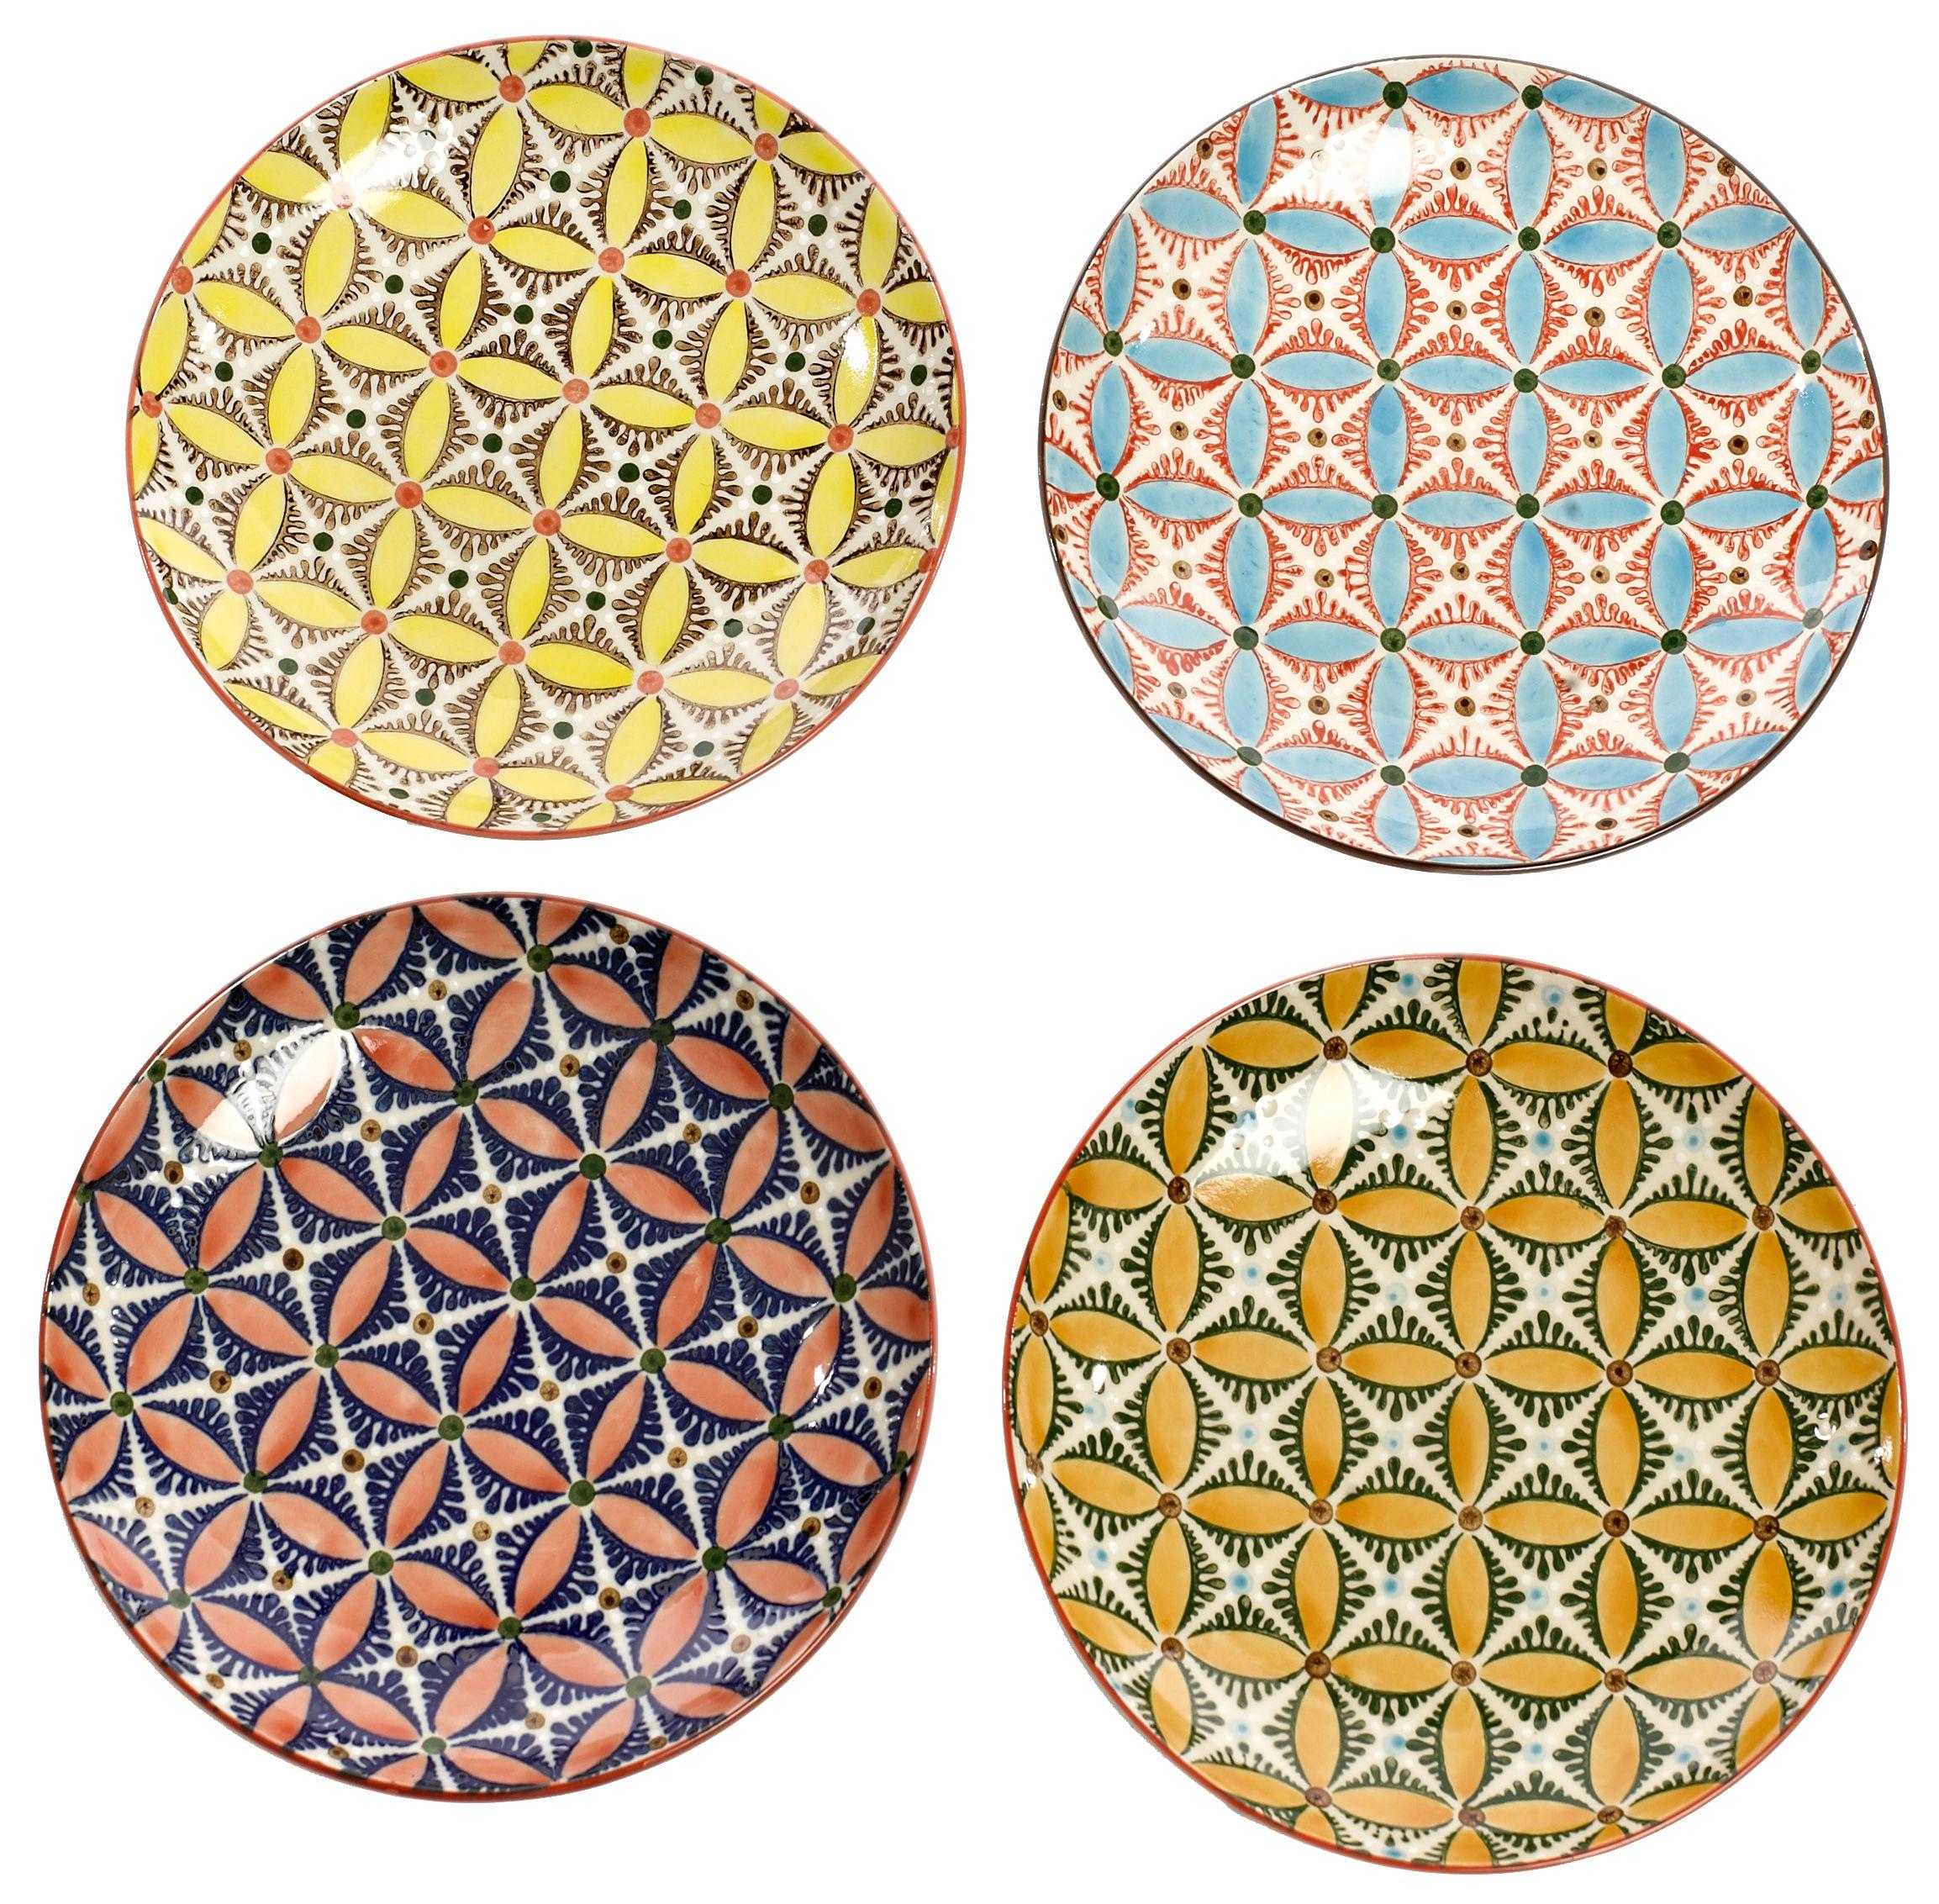 Tavola - Piatti  - Piatto da dessert Hippy - / Ø 20 cm - Set da 4 di Pols Potten - Multicolore - Ceramica vetrificata